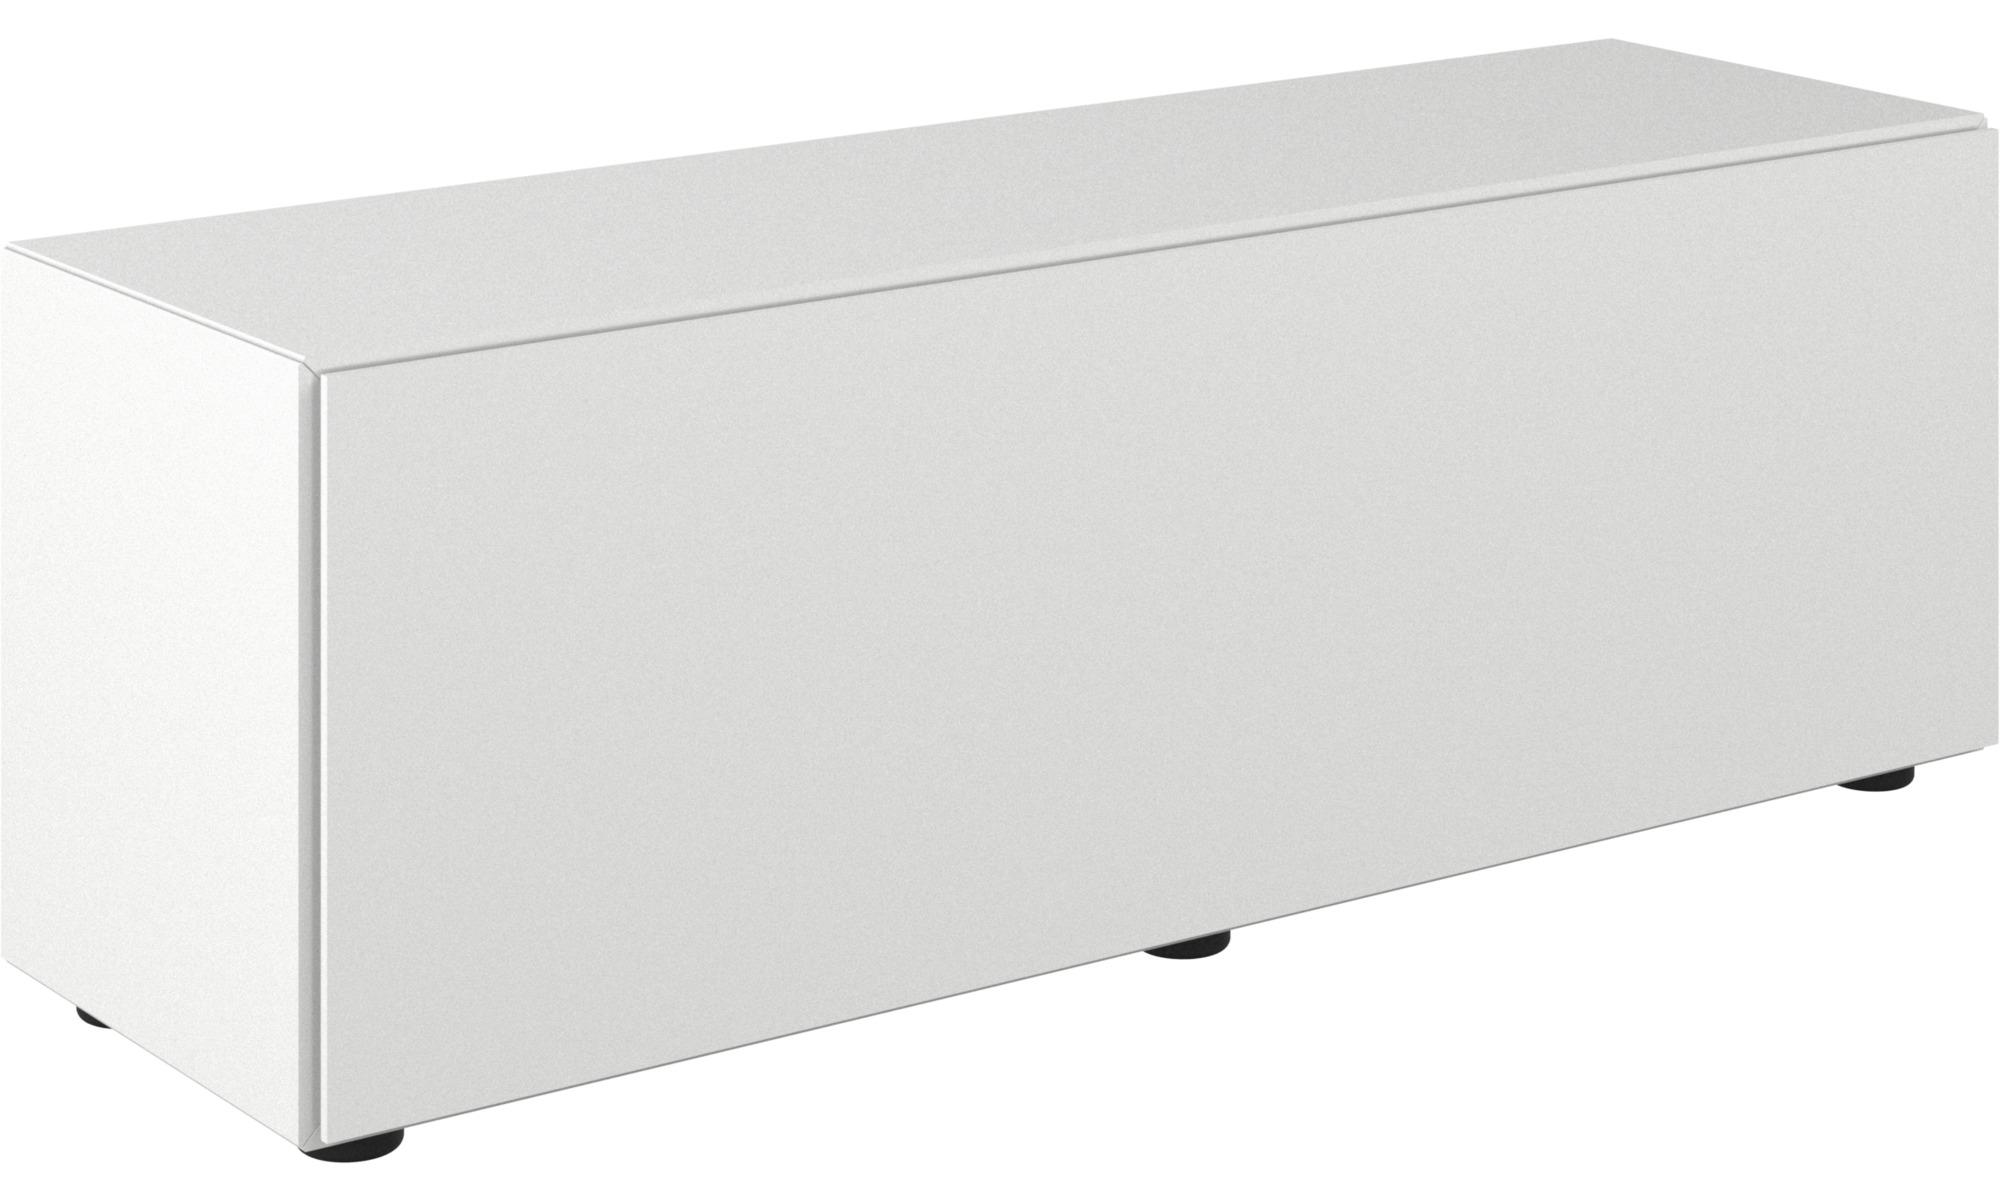 tv m bel lugano basiskombination mit klappt r boconcept. Black Bedroom Furniture Sets. Home Design Ideas